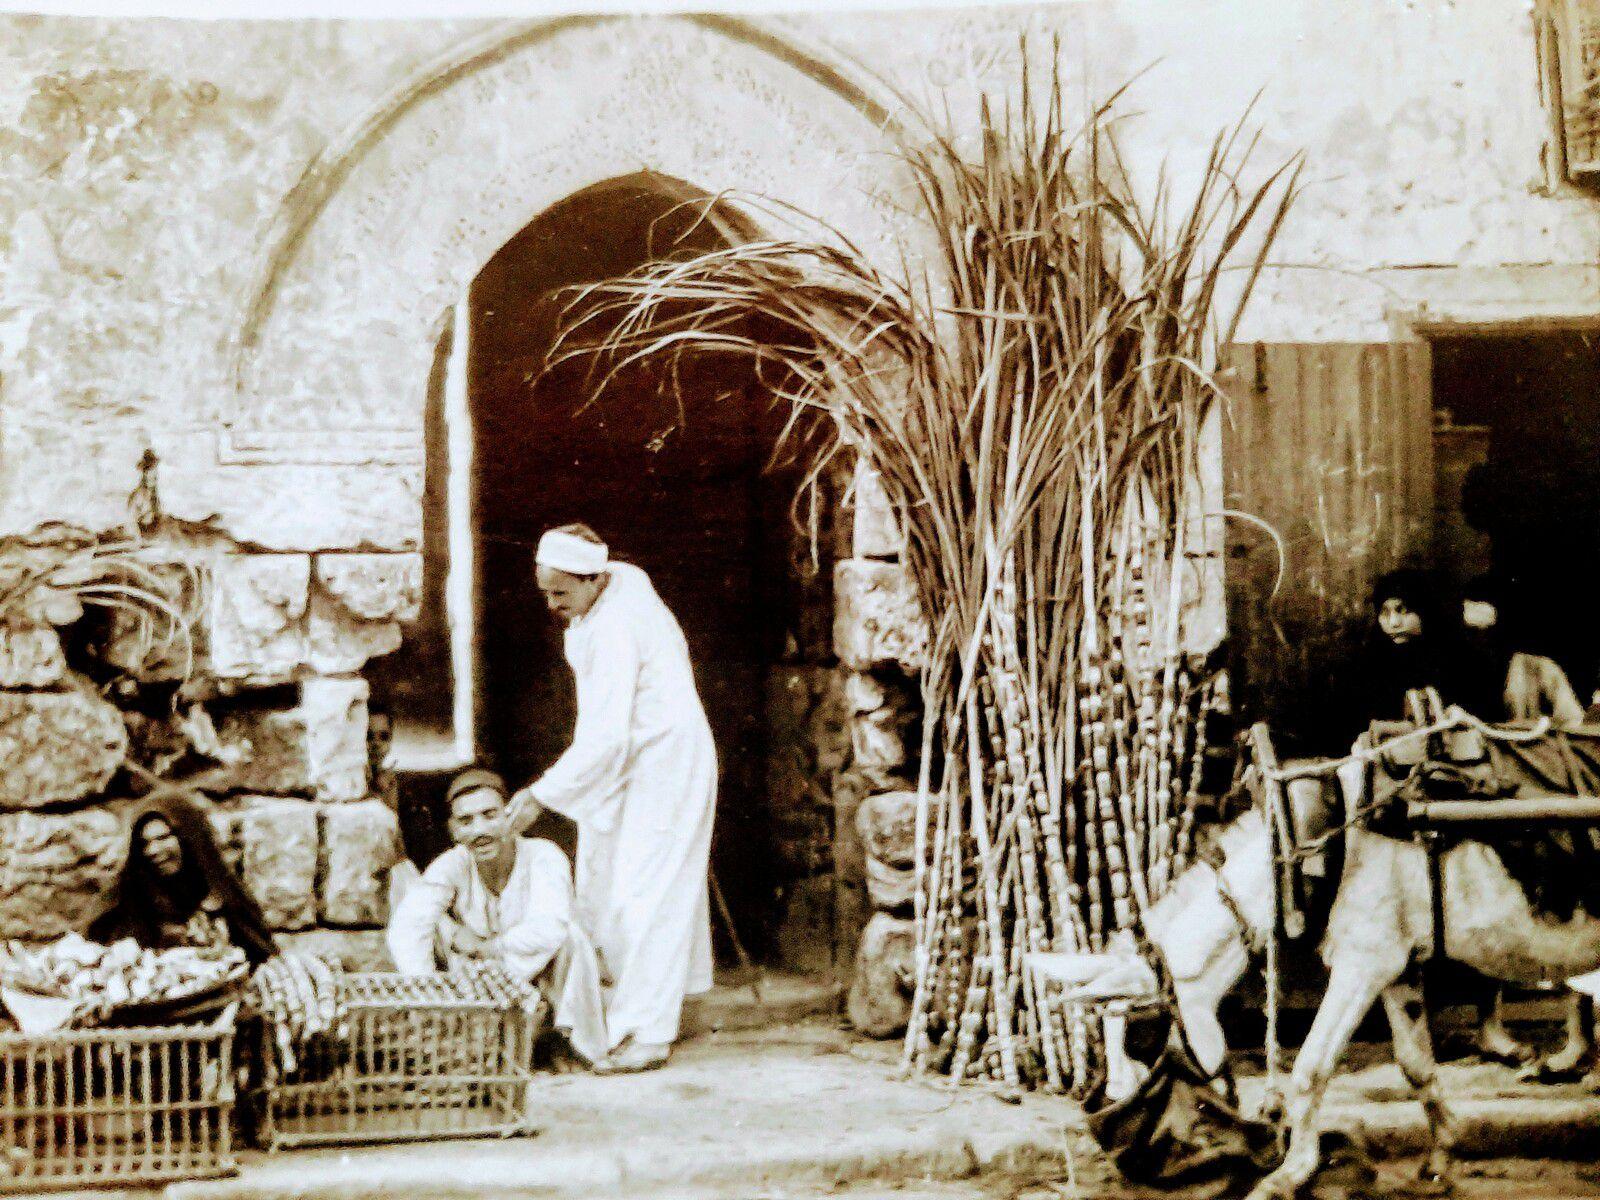 Lehnert & Landrock - Scène de vie égyptienne dans les années 1910 - Le Caire